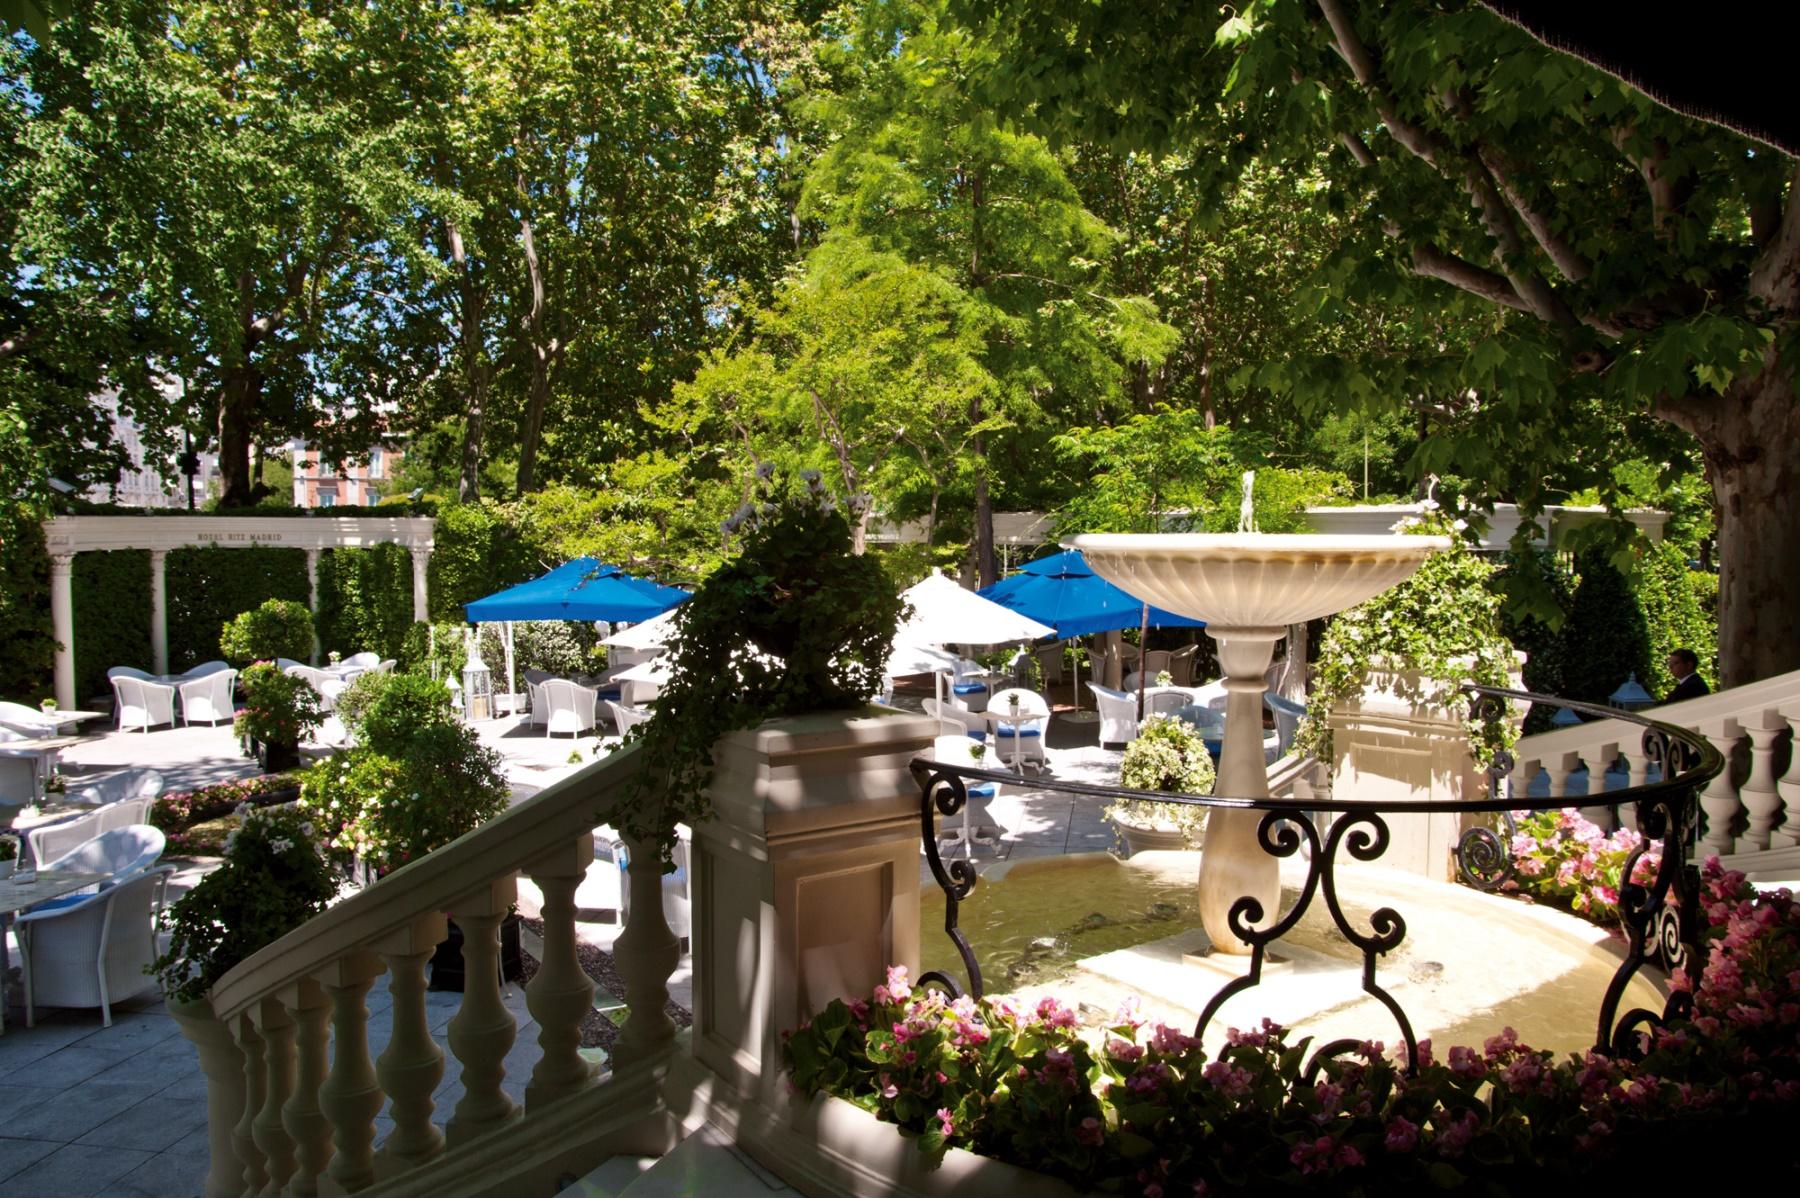 La terraza del hotel ritz restaurante goya los 5 mejores for Restaurantes con terraza madrid